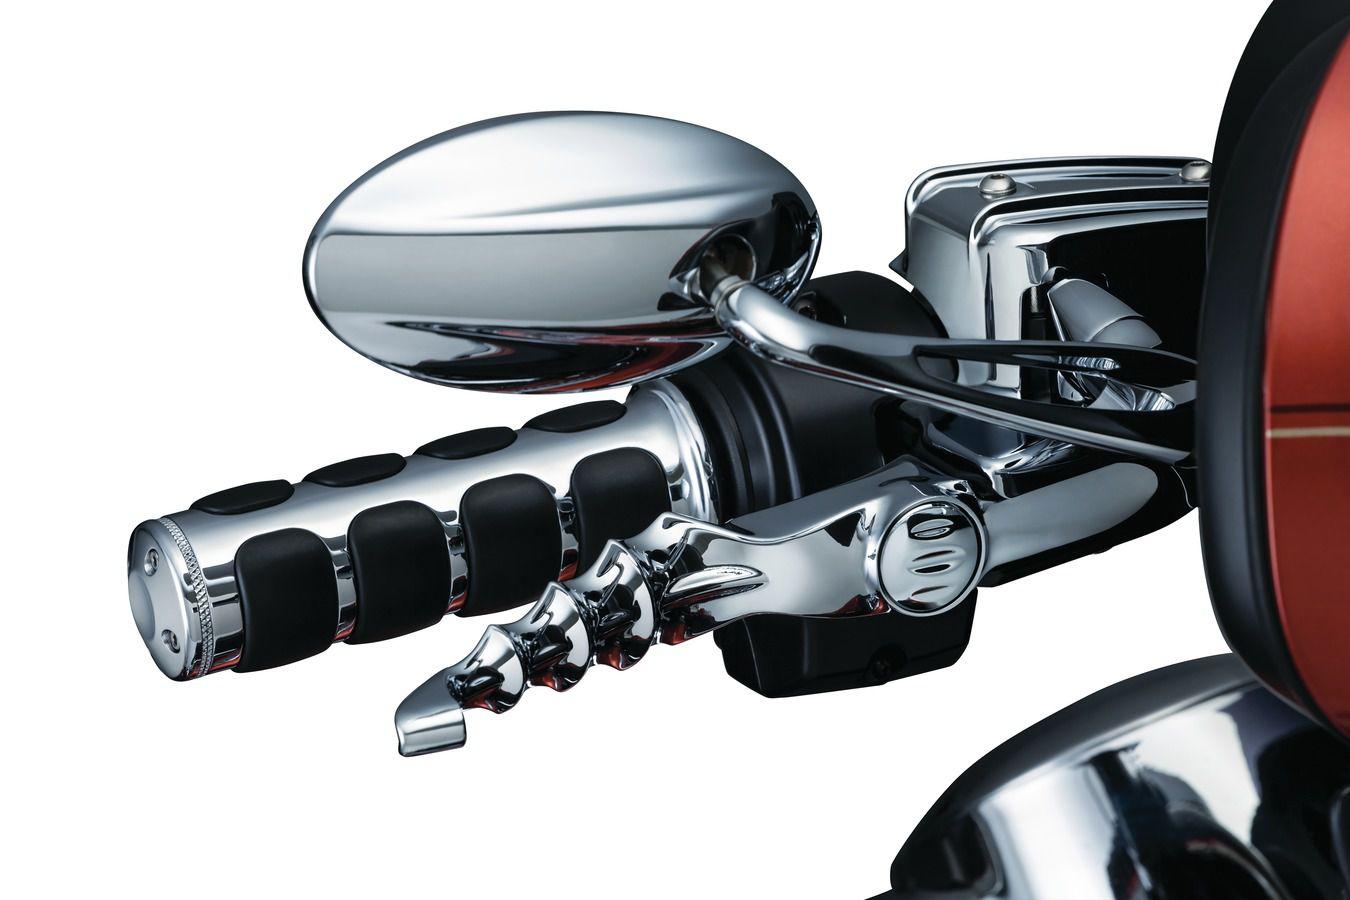 Manopla Modelo Iso para Harley Davidson com Acelerador A Cabo